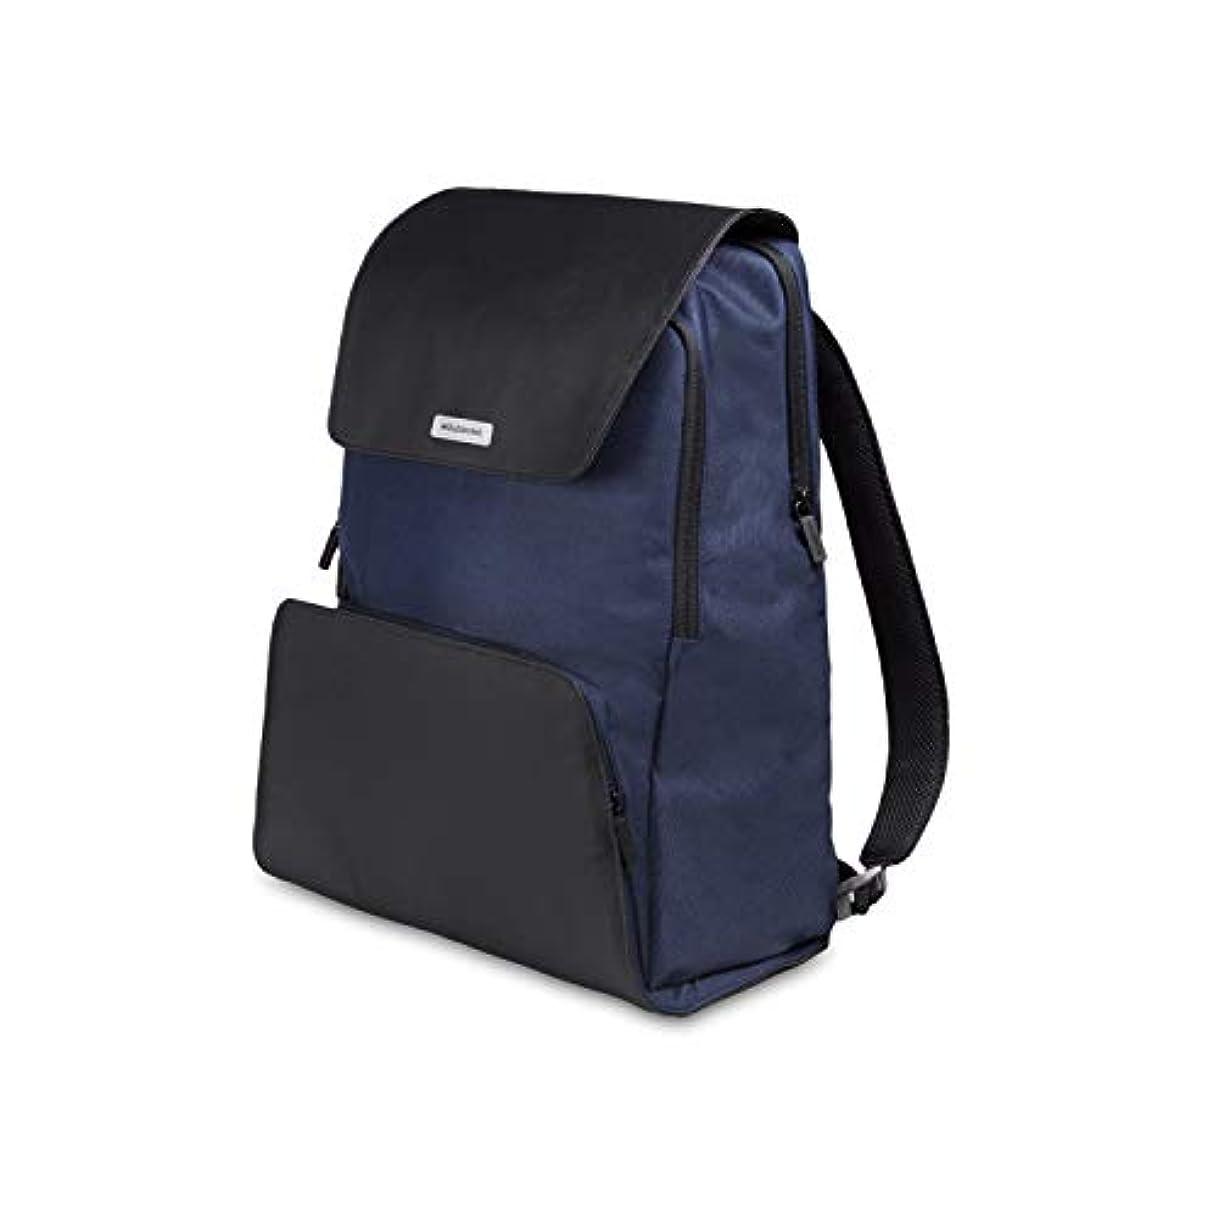 専門化する故意の人気の[モレスキン] モレスキン バッグ ノーマッド バックパック リュック ET83BK